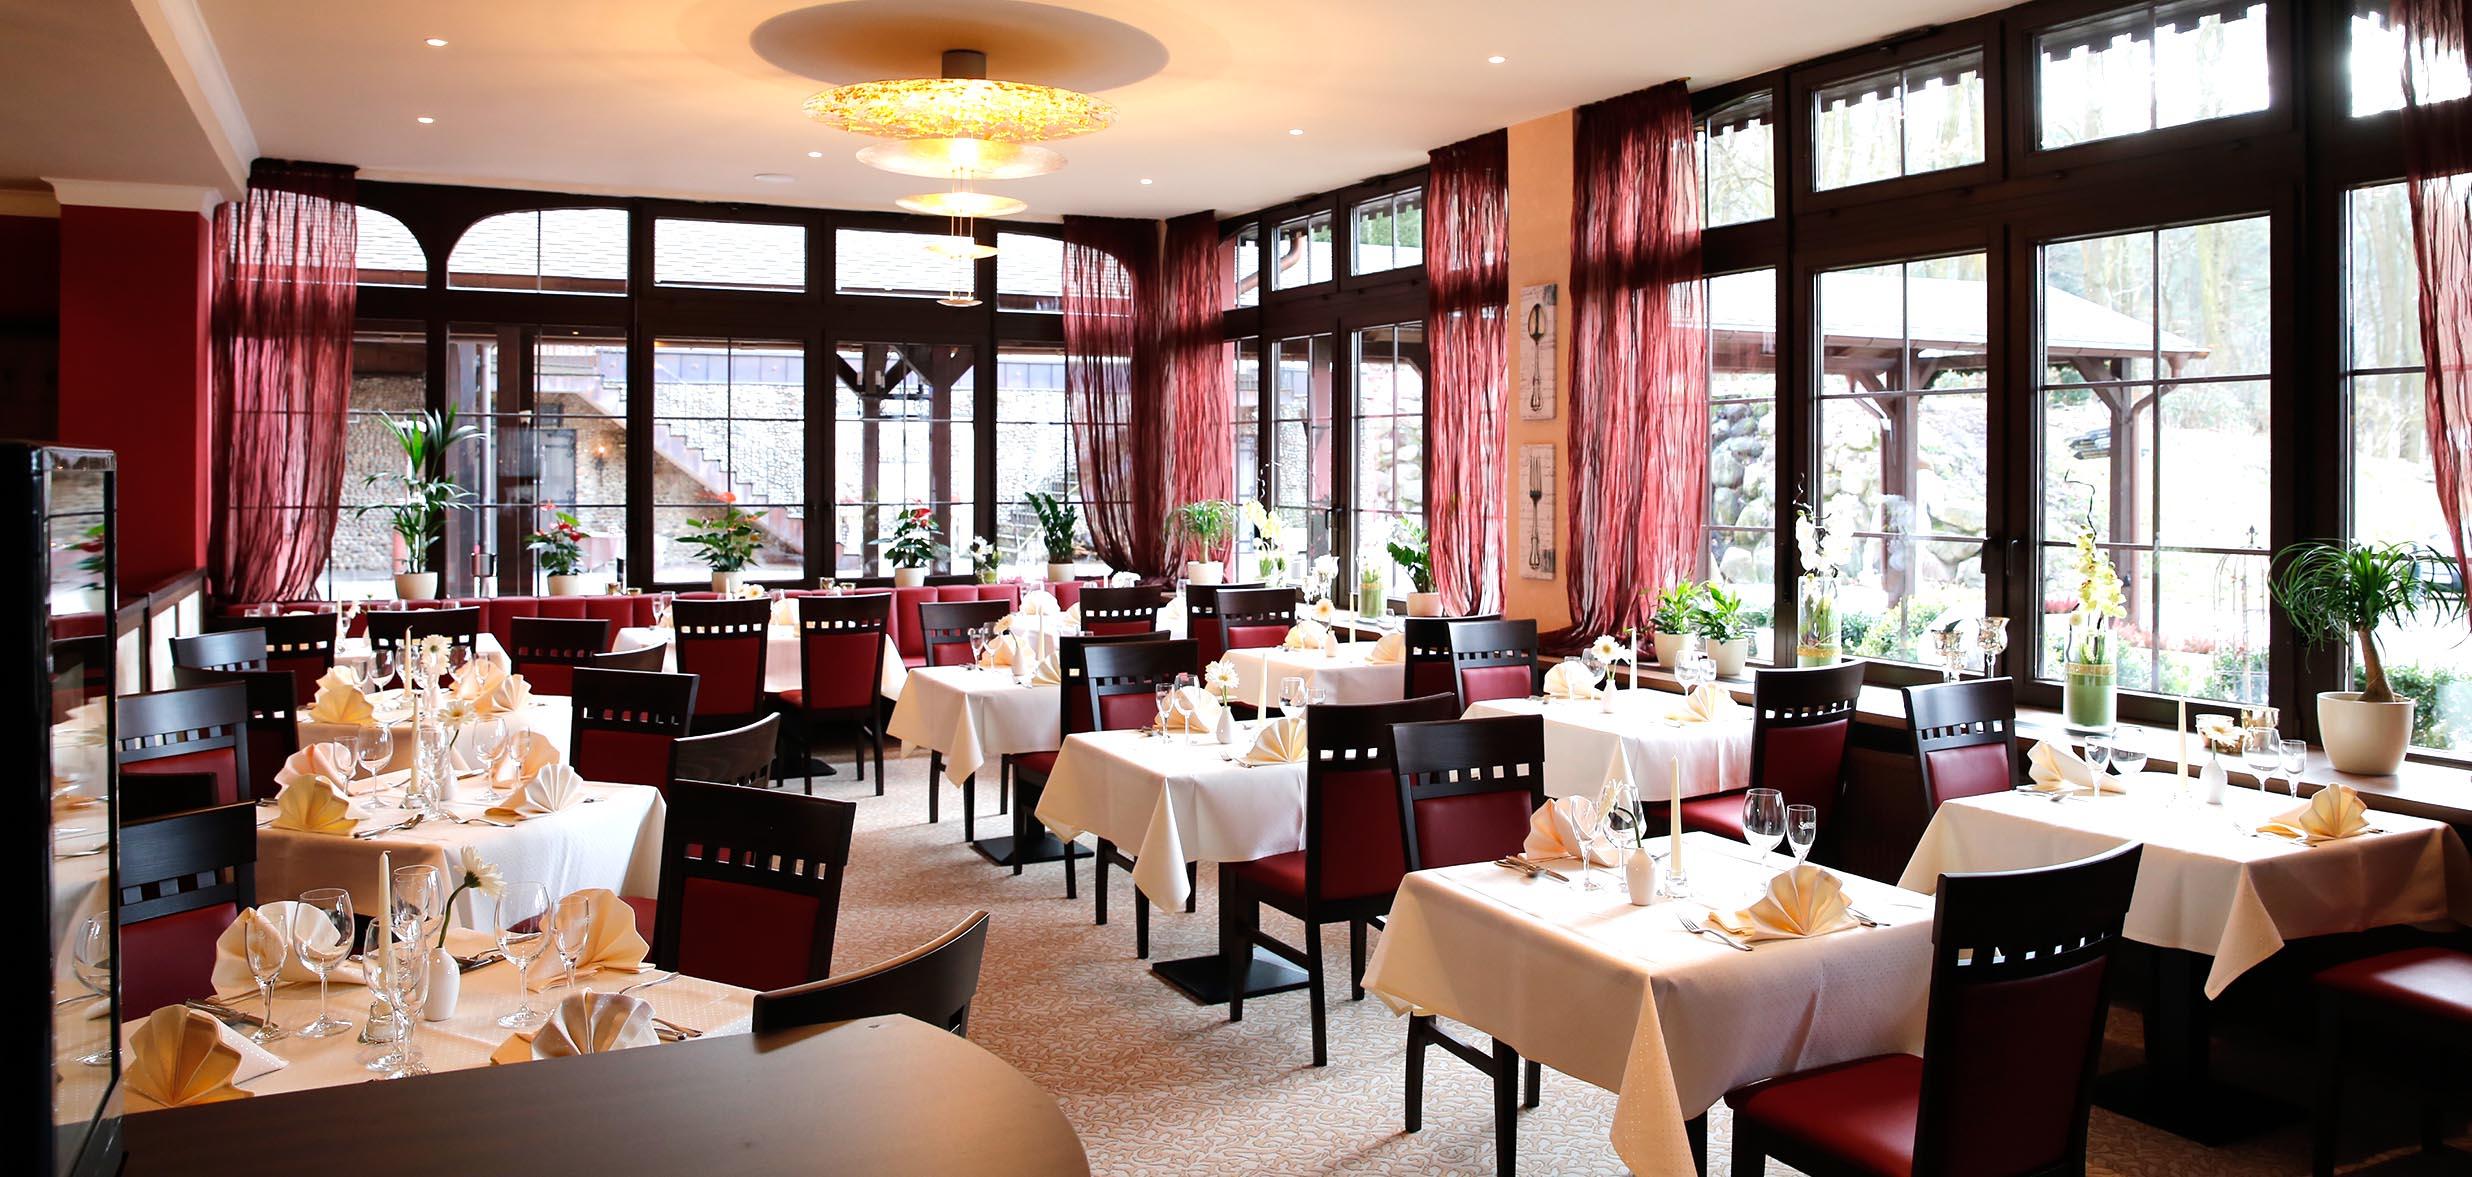 Restaurant kuche for Kuche restaurant